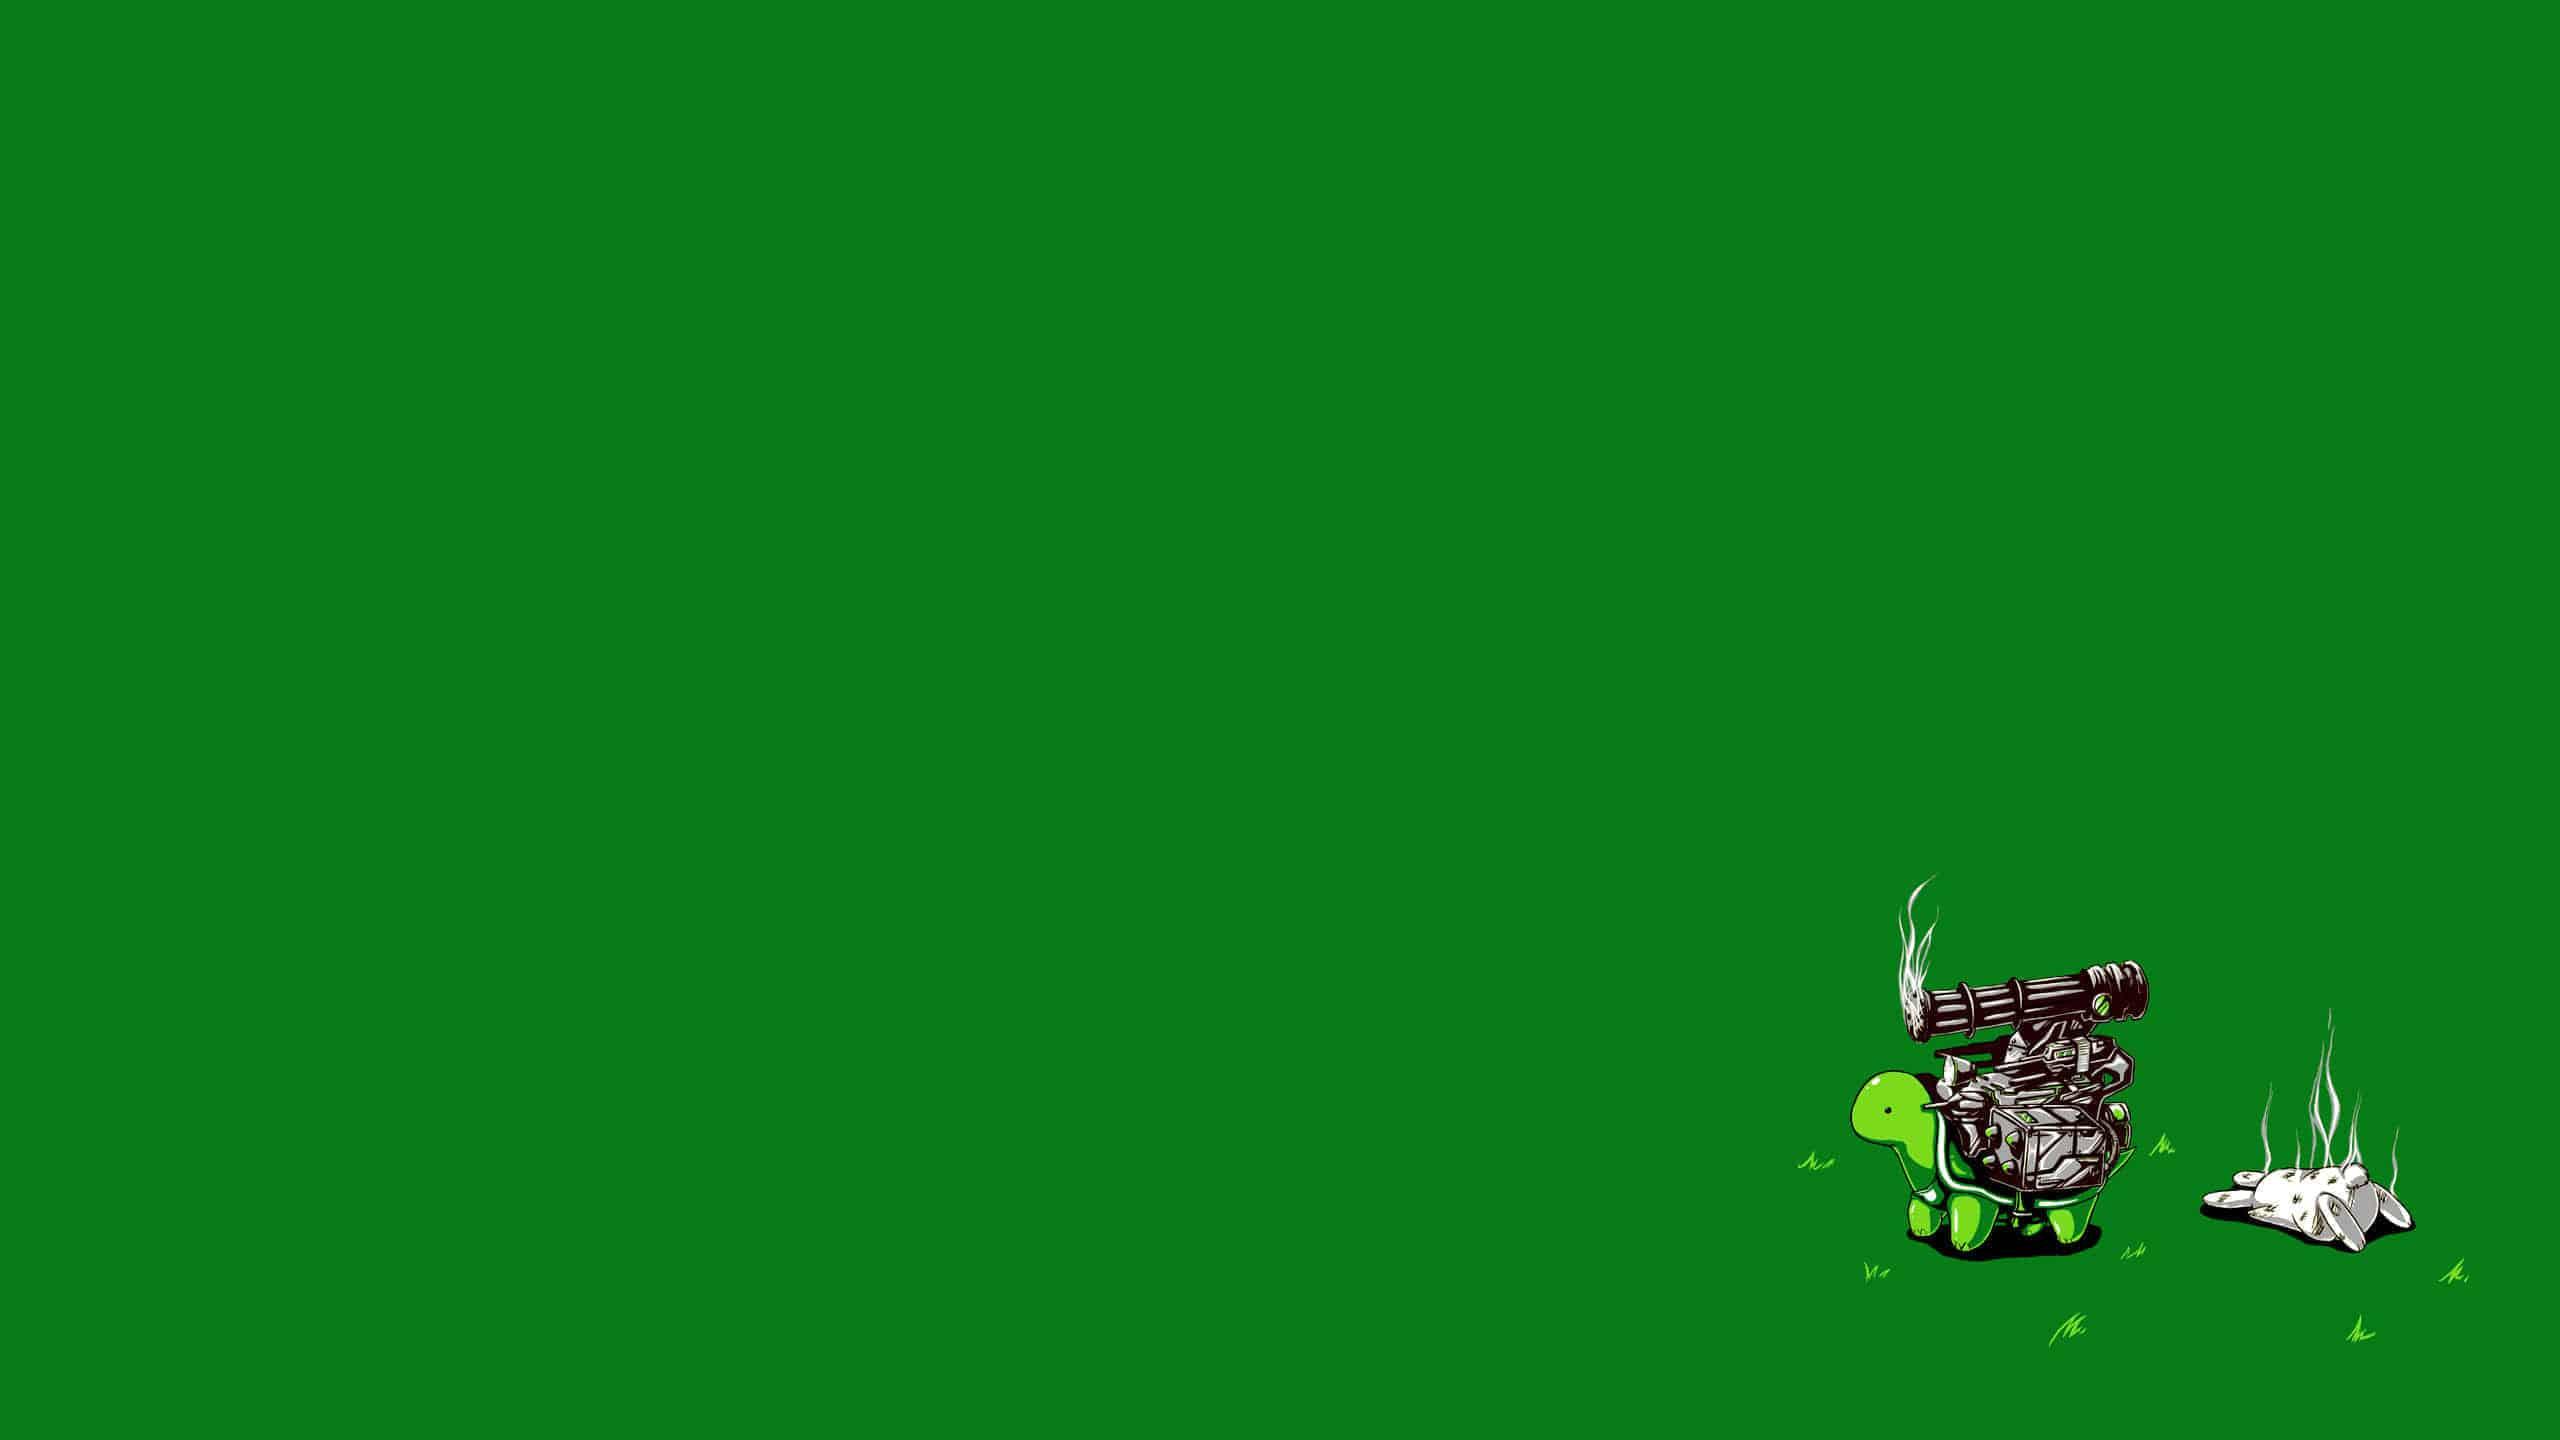 turtle machine gun more dakka meme wqhd 1440p wallpaper